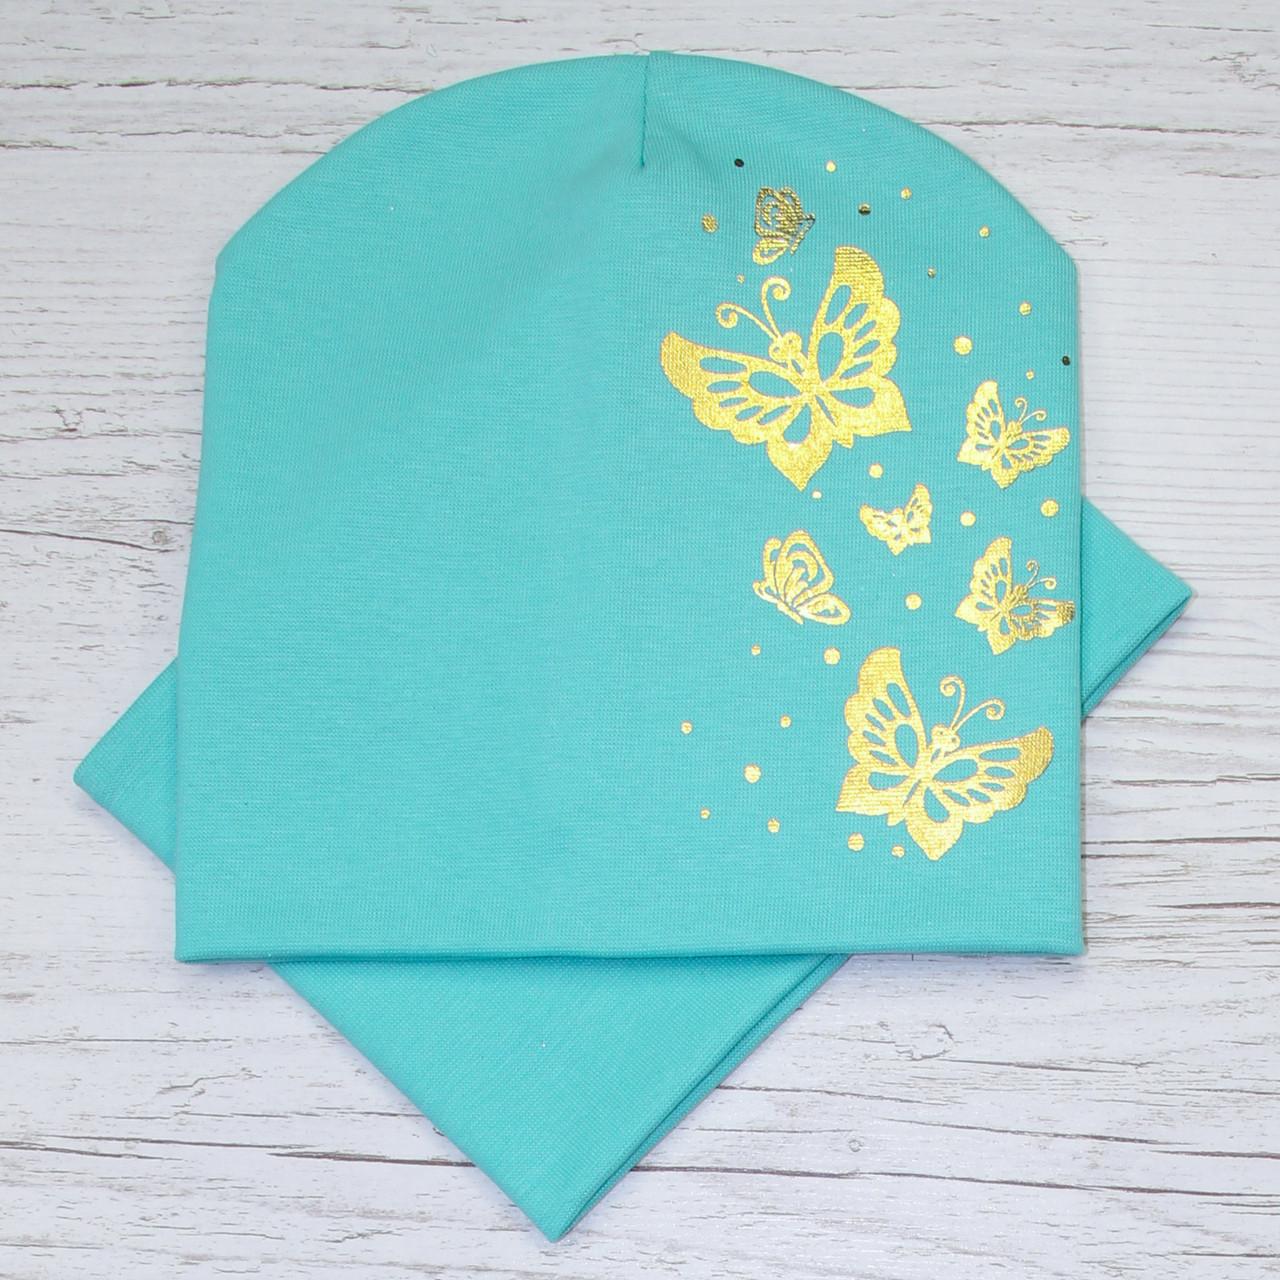 Детская шапка с хомутом КАНТА размер 52-56, бирюзовый (OC-349)